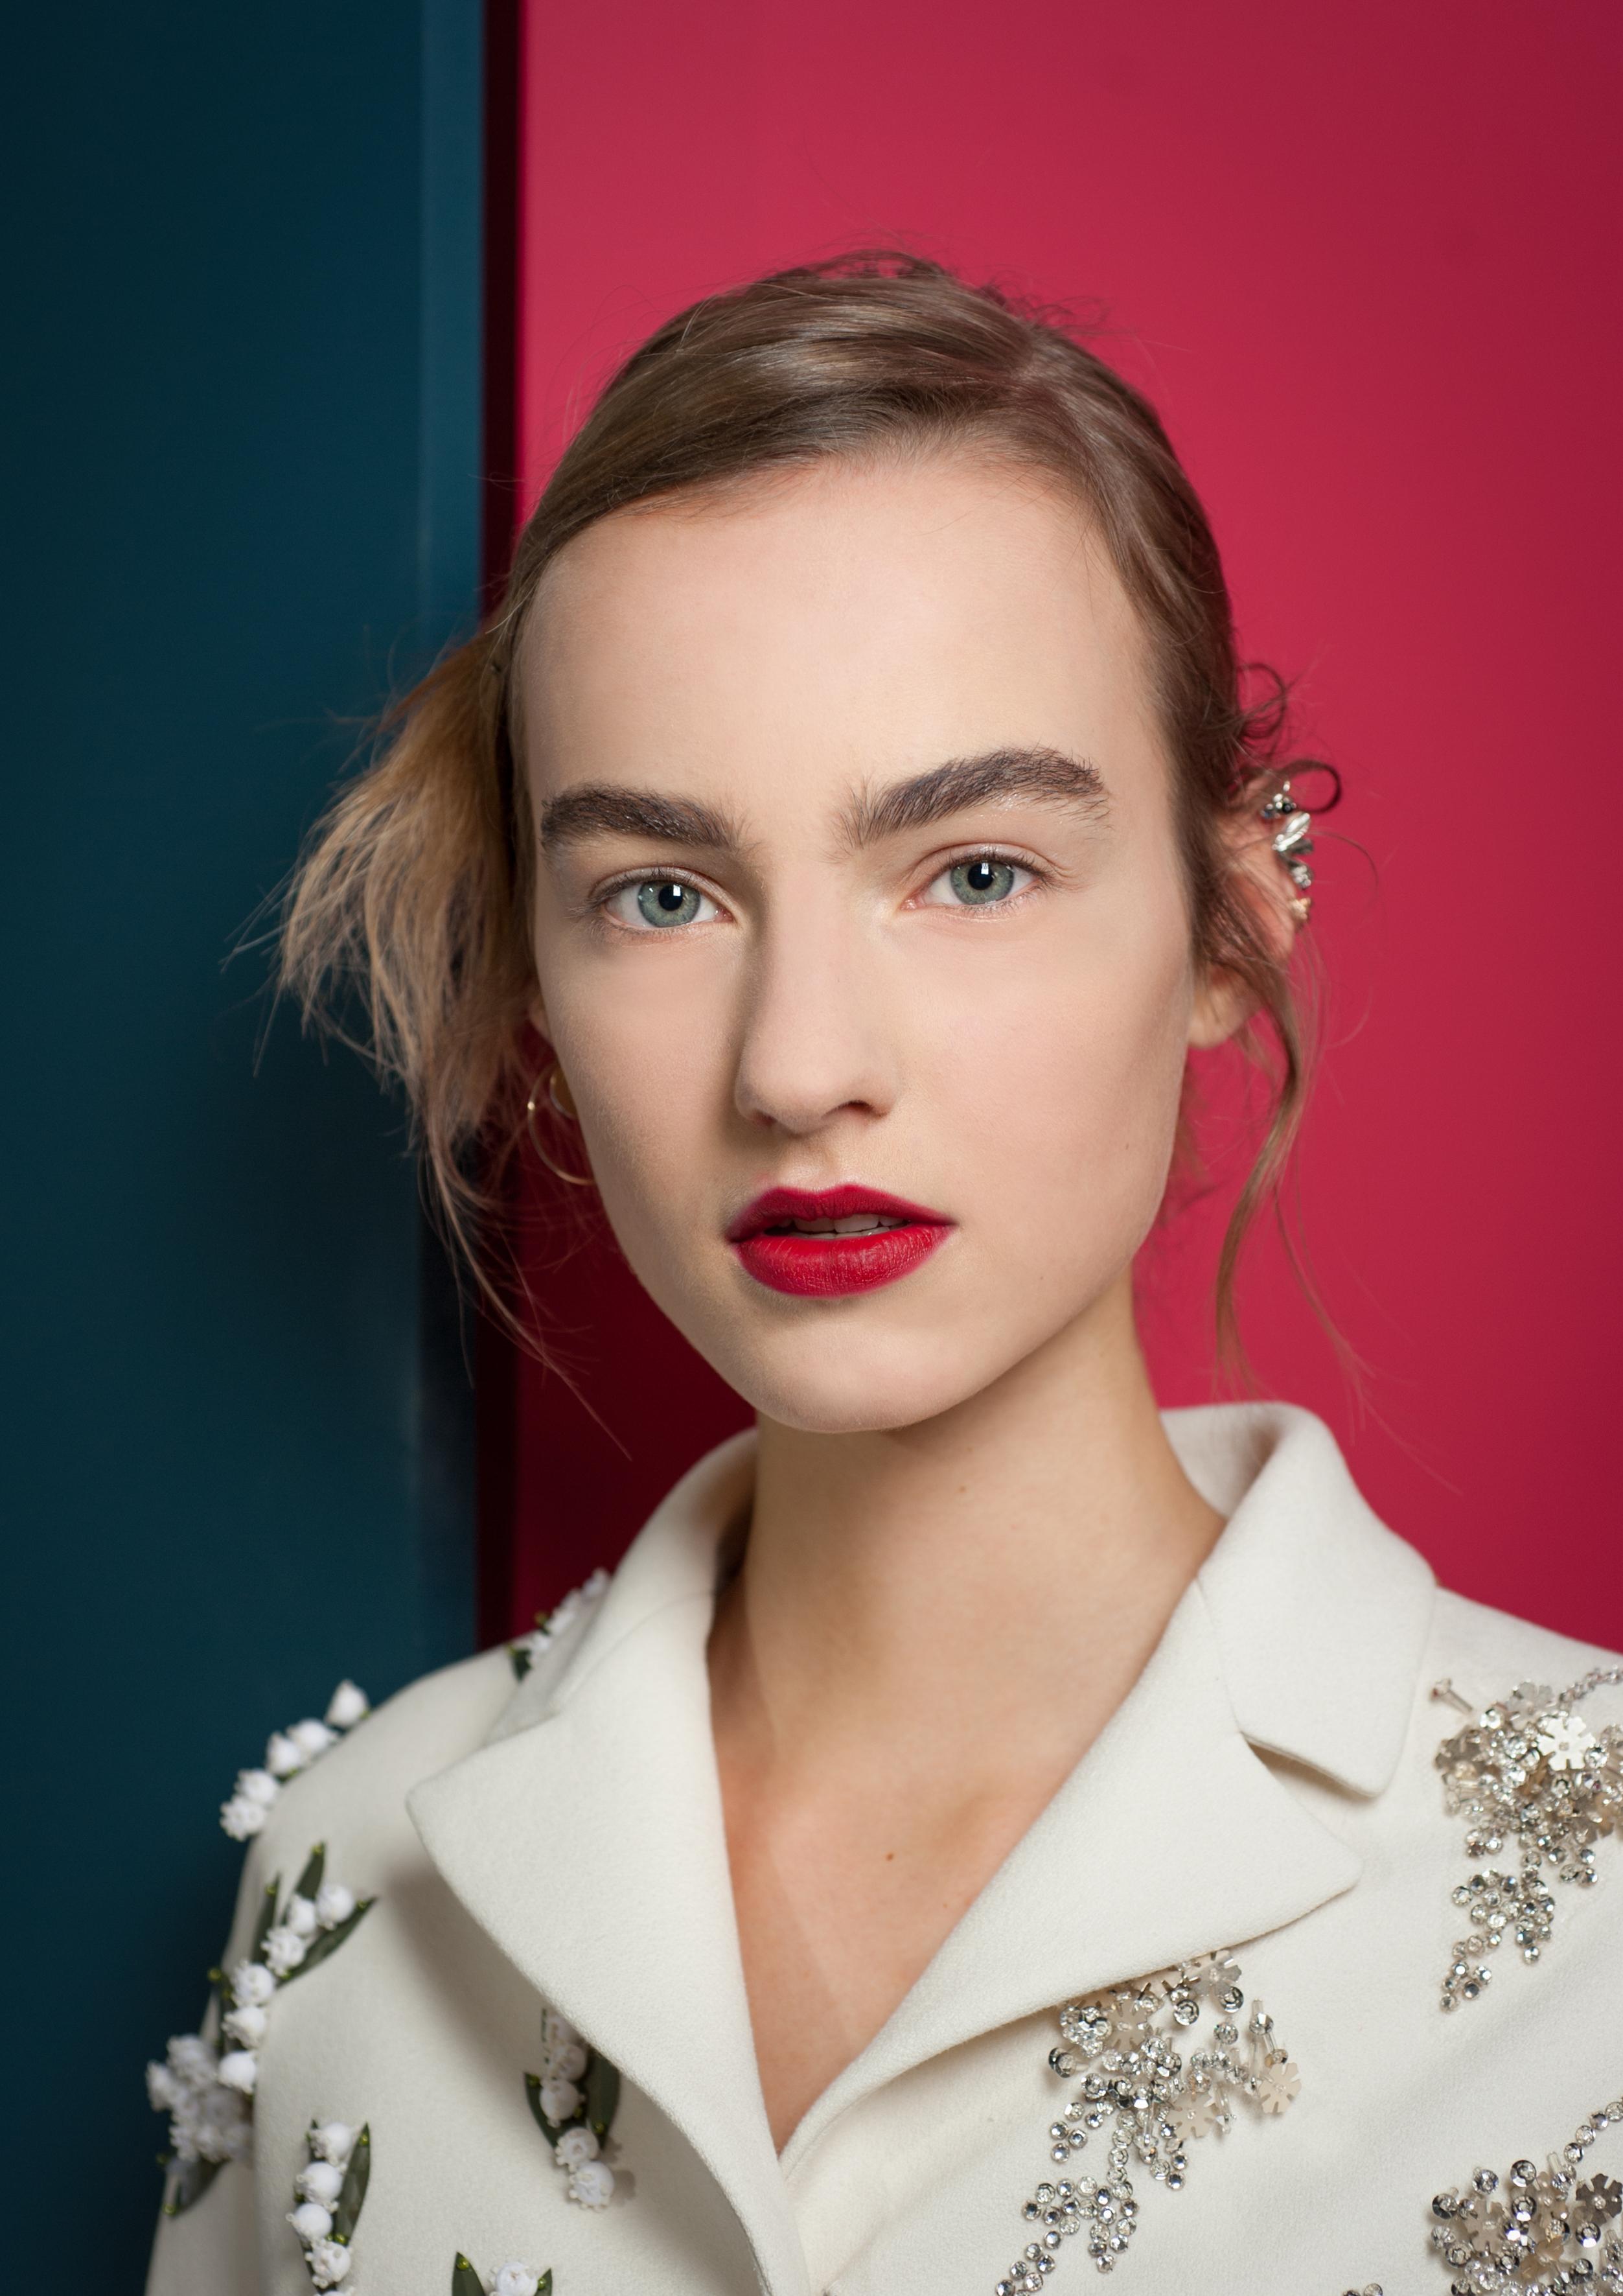 Beleza da Christian Dior Haute Couture, verão 2016. Foto: Vincent Lappartient/Christian Dior Parfums